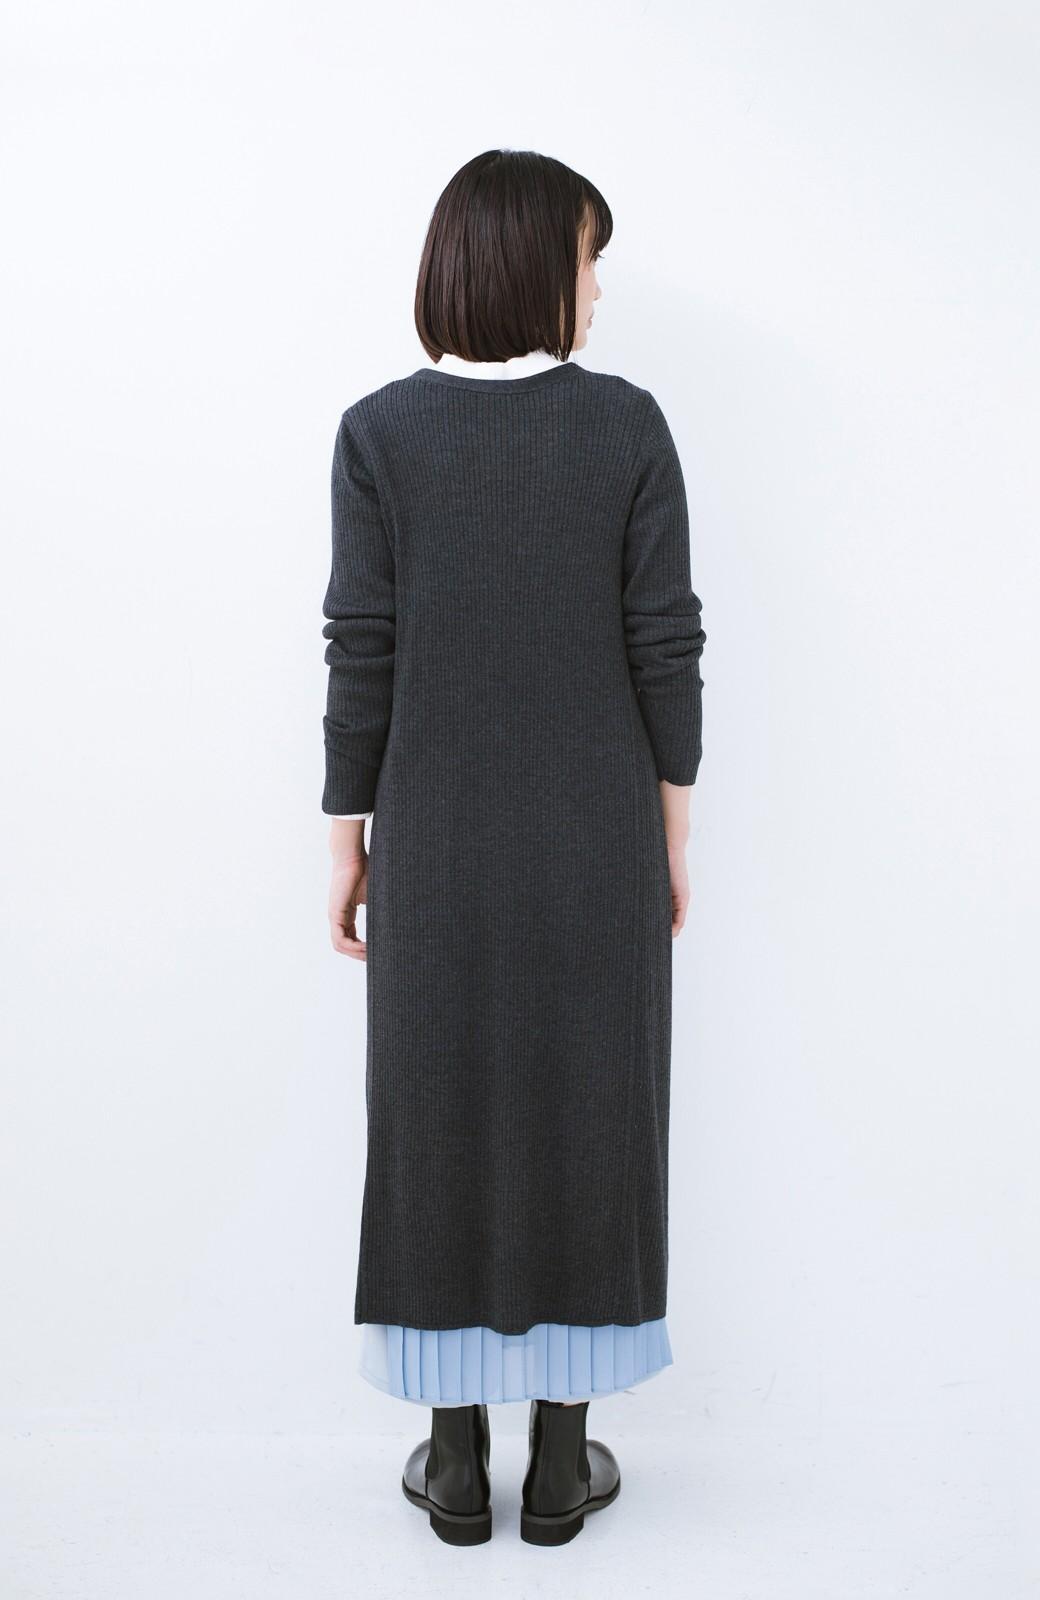 haco! 美シルエットがうれしい着方自由のオトナリブニットカーディガン by MAKORI <チャコールグレー>の商品写真12